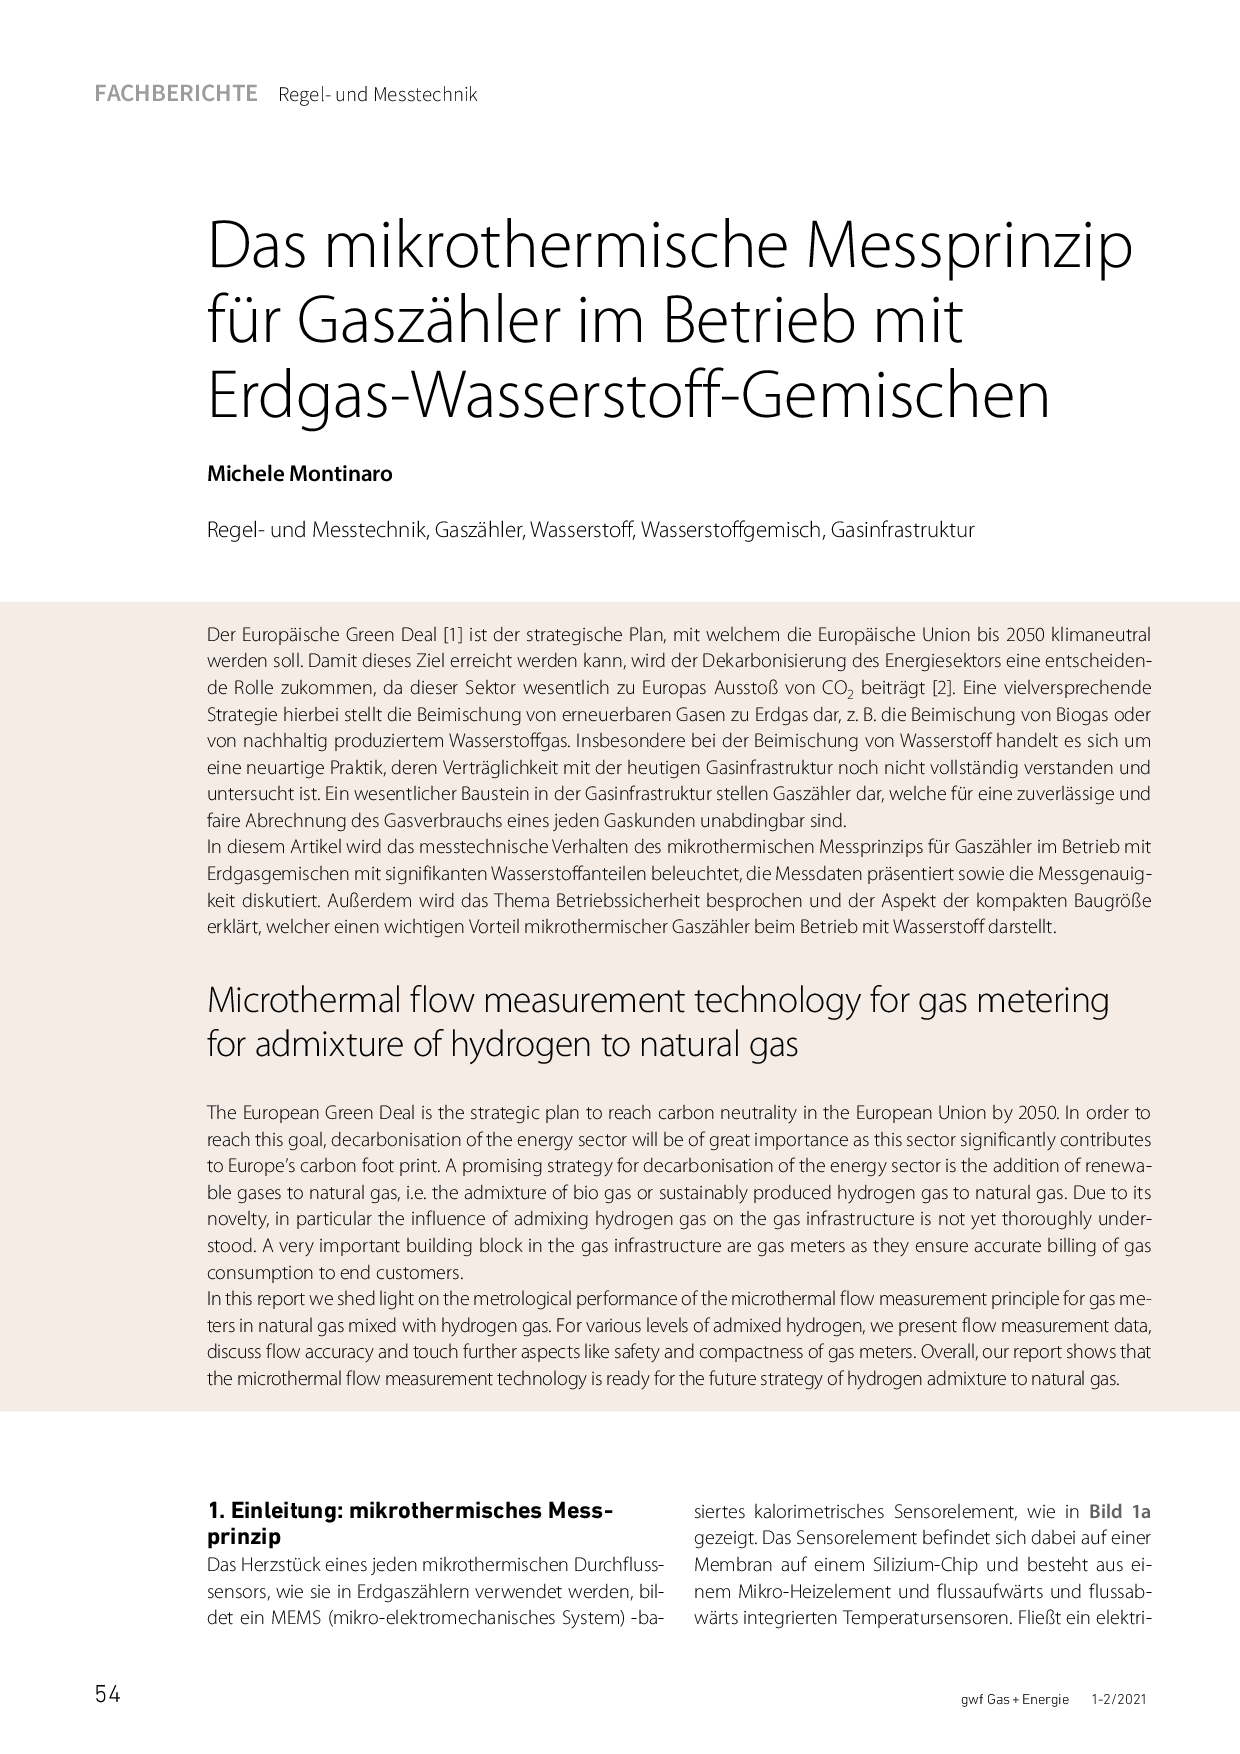 Das mikrothermische Messprinzip für Gaszähler im Betrieb mit Erdgas-Wasserstoff-Gemischen